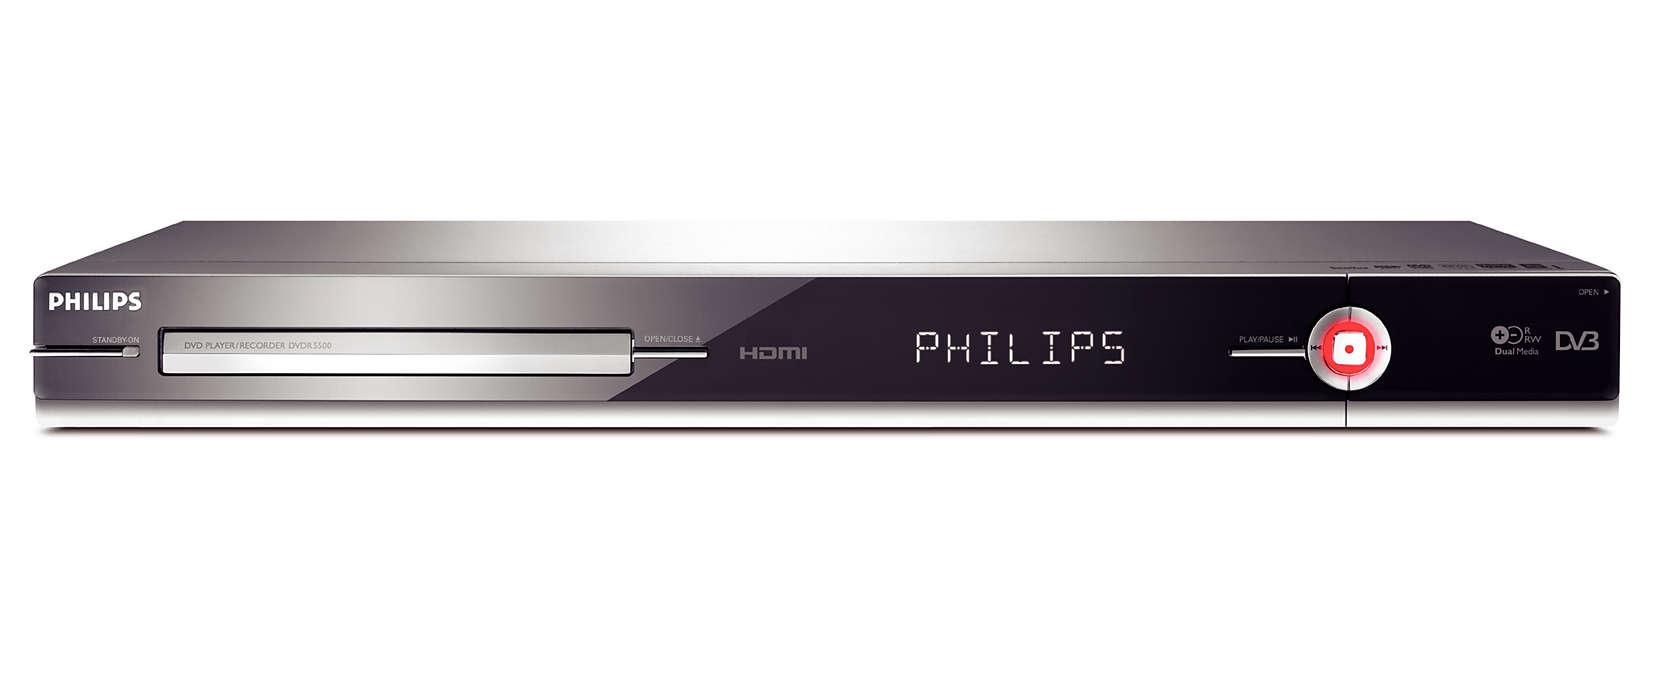 Desfrute da TV digital com qualidade 1080i HD